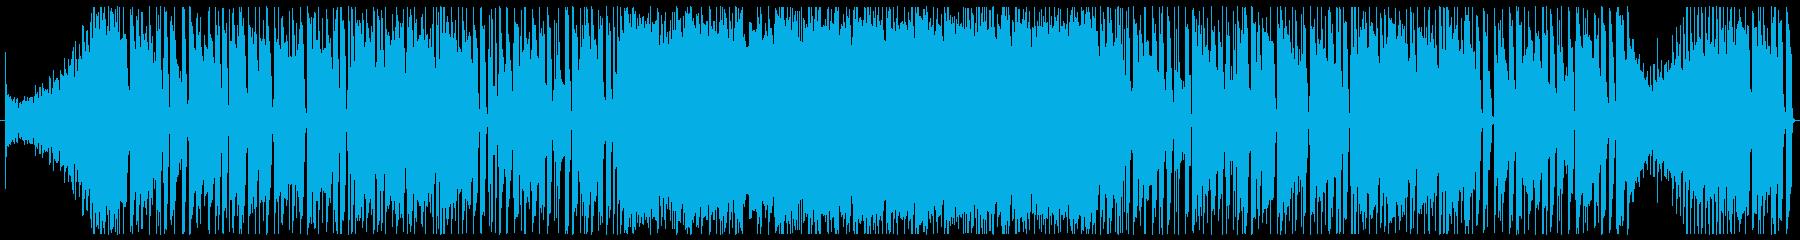 ワイルドなブルージーロックBGM 2分の再生済みの波形